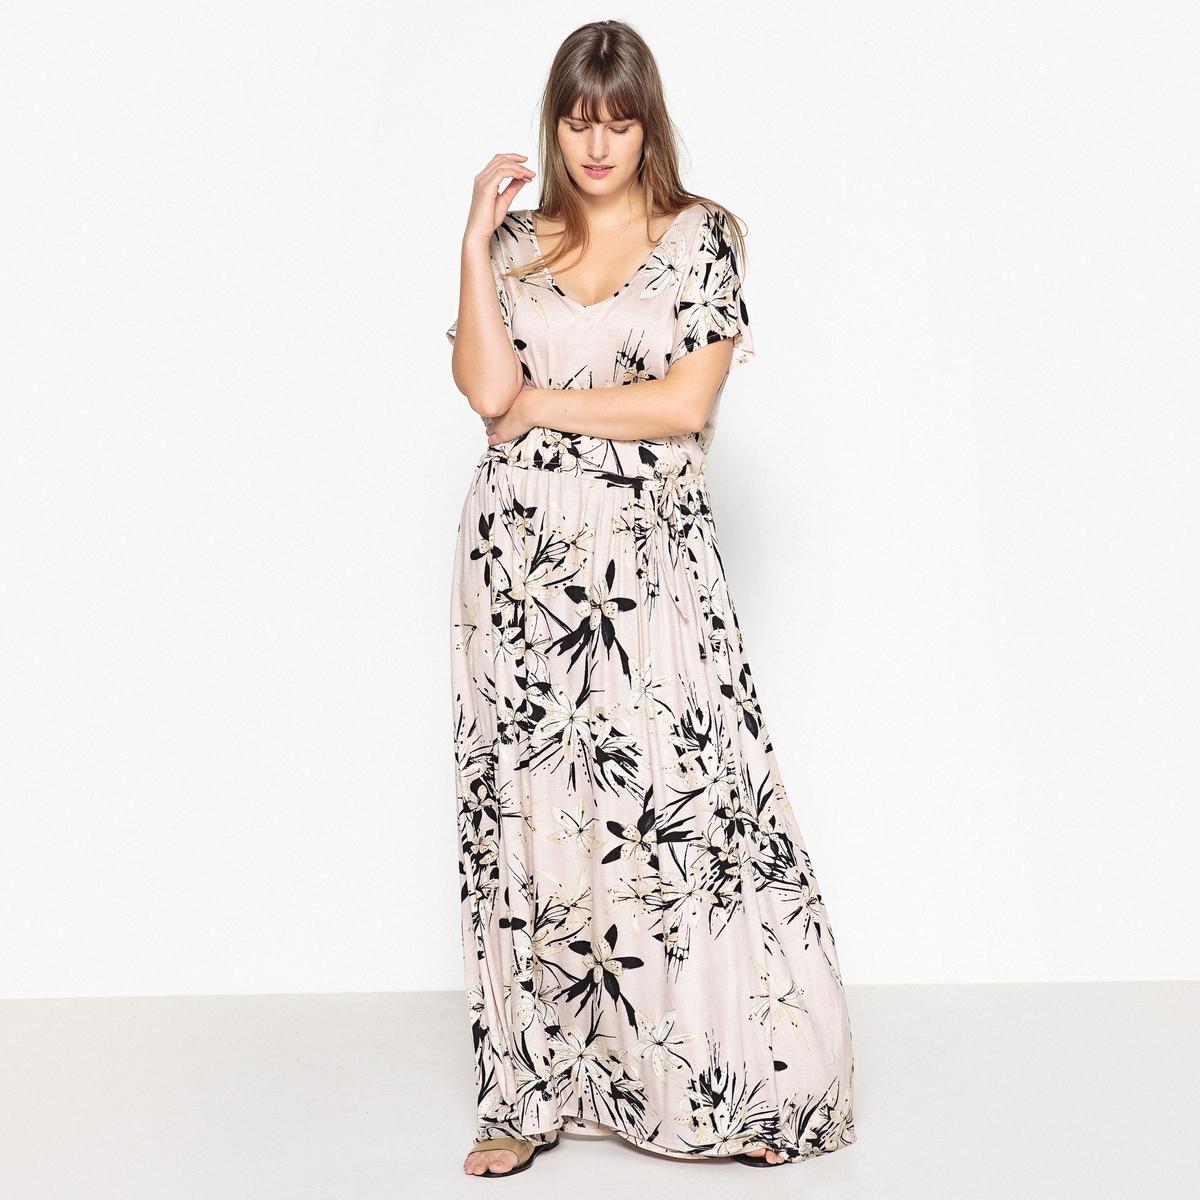 Платье прямое с цветочным принтомОписание:Изумительное, невероятно женственное длинное платье с цветочным принтом в японском стиле . Вы сможете надевать его каждый день или на вечеринку .Детали •  Форма : прямая •  Длина ниже колен •  Короткие рукава    •   V-образный вырез •  Цветочный рисунокСостав и уход •  95% вискозы, 5% эластана •  Температура стирки 30° на деликатном режиме   •  Сухая чистка и отбеливание запрещены •  Не использовать барабанную сушку •  Низкая температура глажкиТовар из коллекции больших размеров •  Длина : 140 см<br><br>Цвет: набивной рисунок